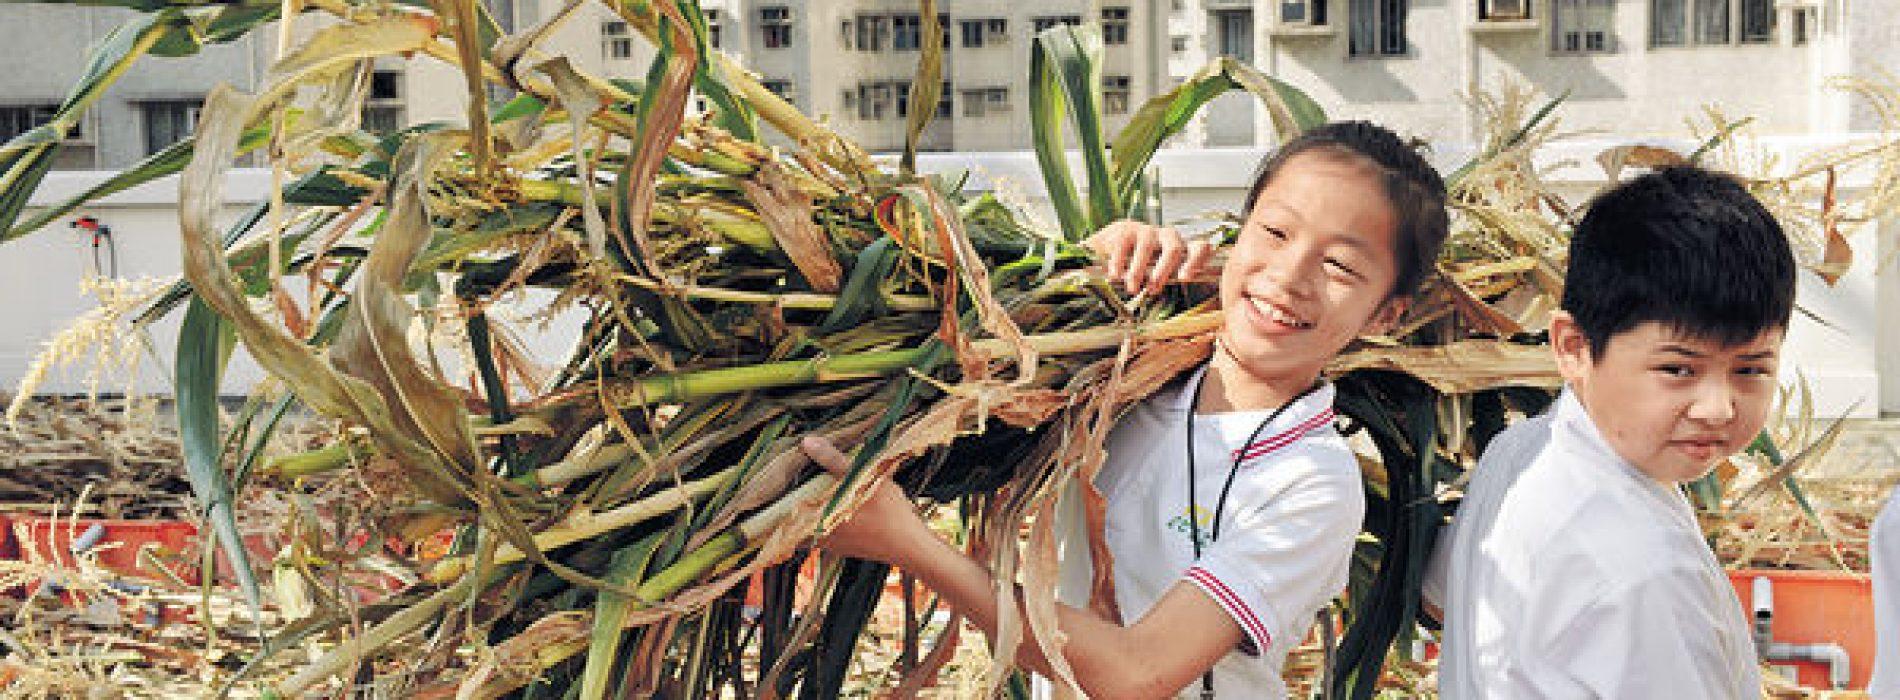 小學天台園圃 耕種領悟育兒法